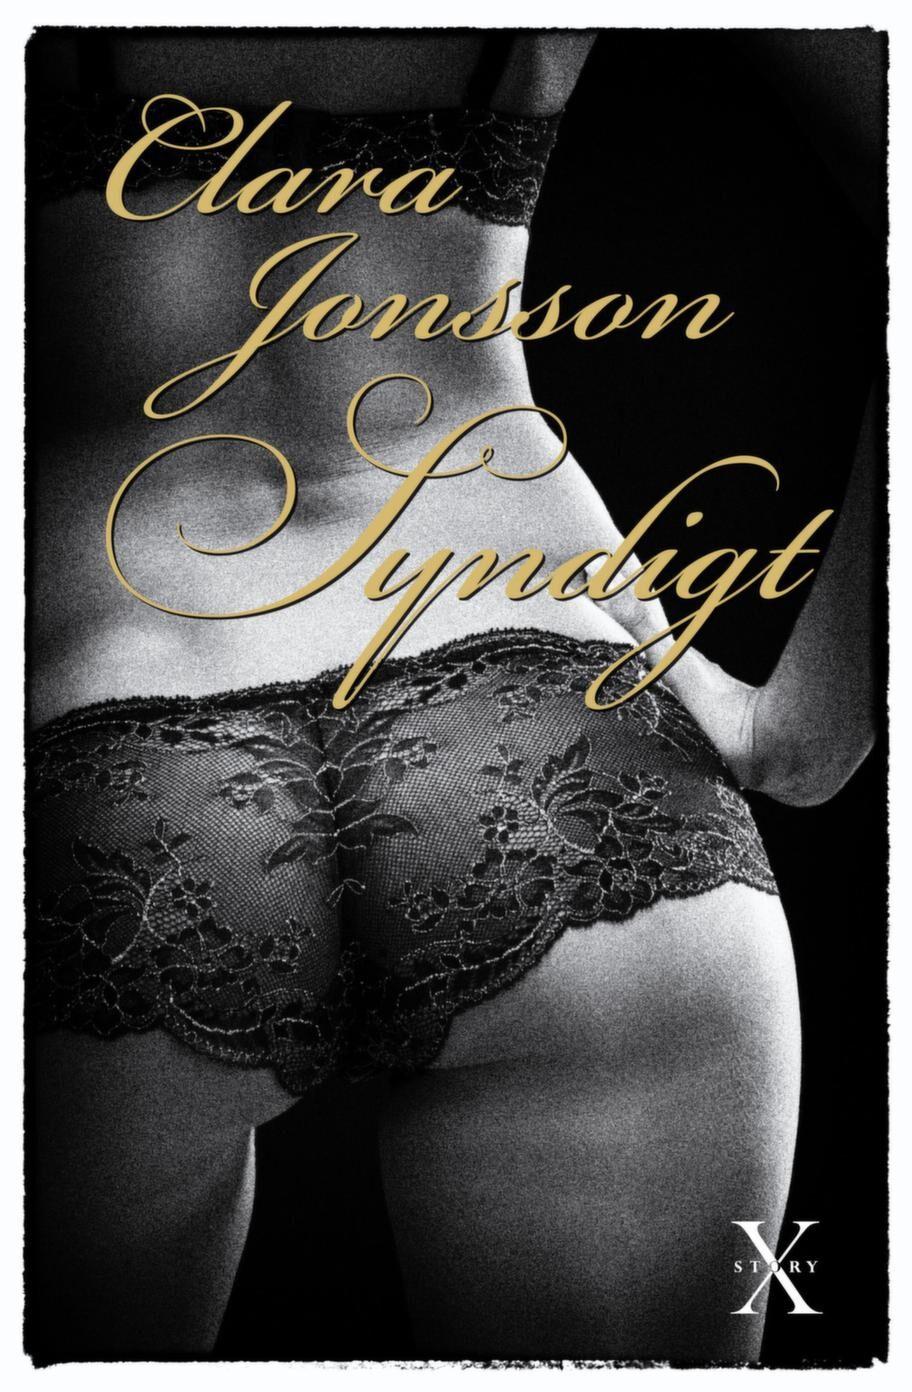 """""""Syndigt"""" av Clara Jonsson (släpptes augusti 2012, cirka 6 000 sålda exemplar)Källa: X-story, ett förlag med inriktning på erotisk skönlitteratur och praktiska sexhandböcker."""